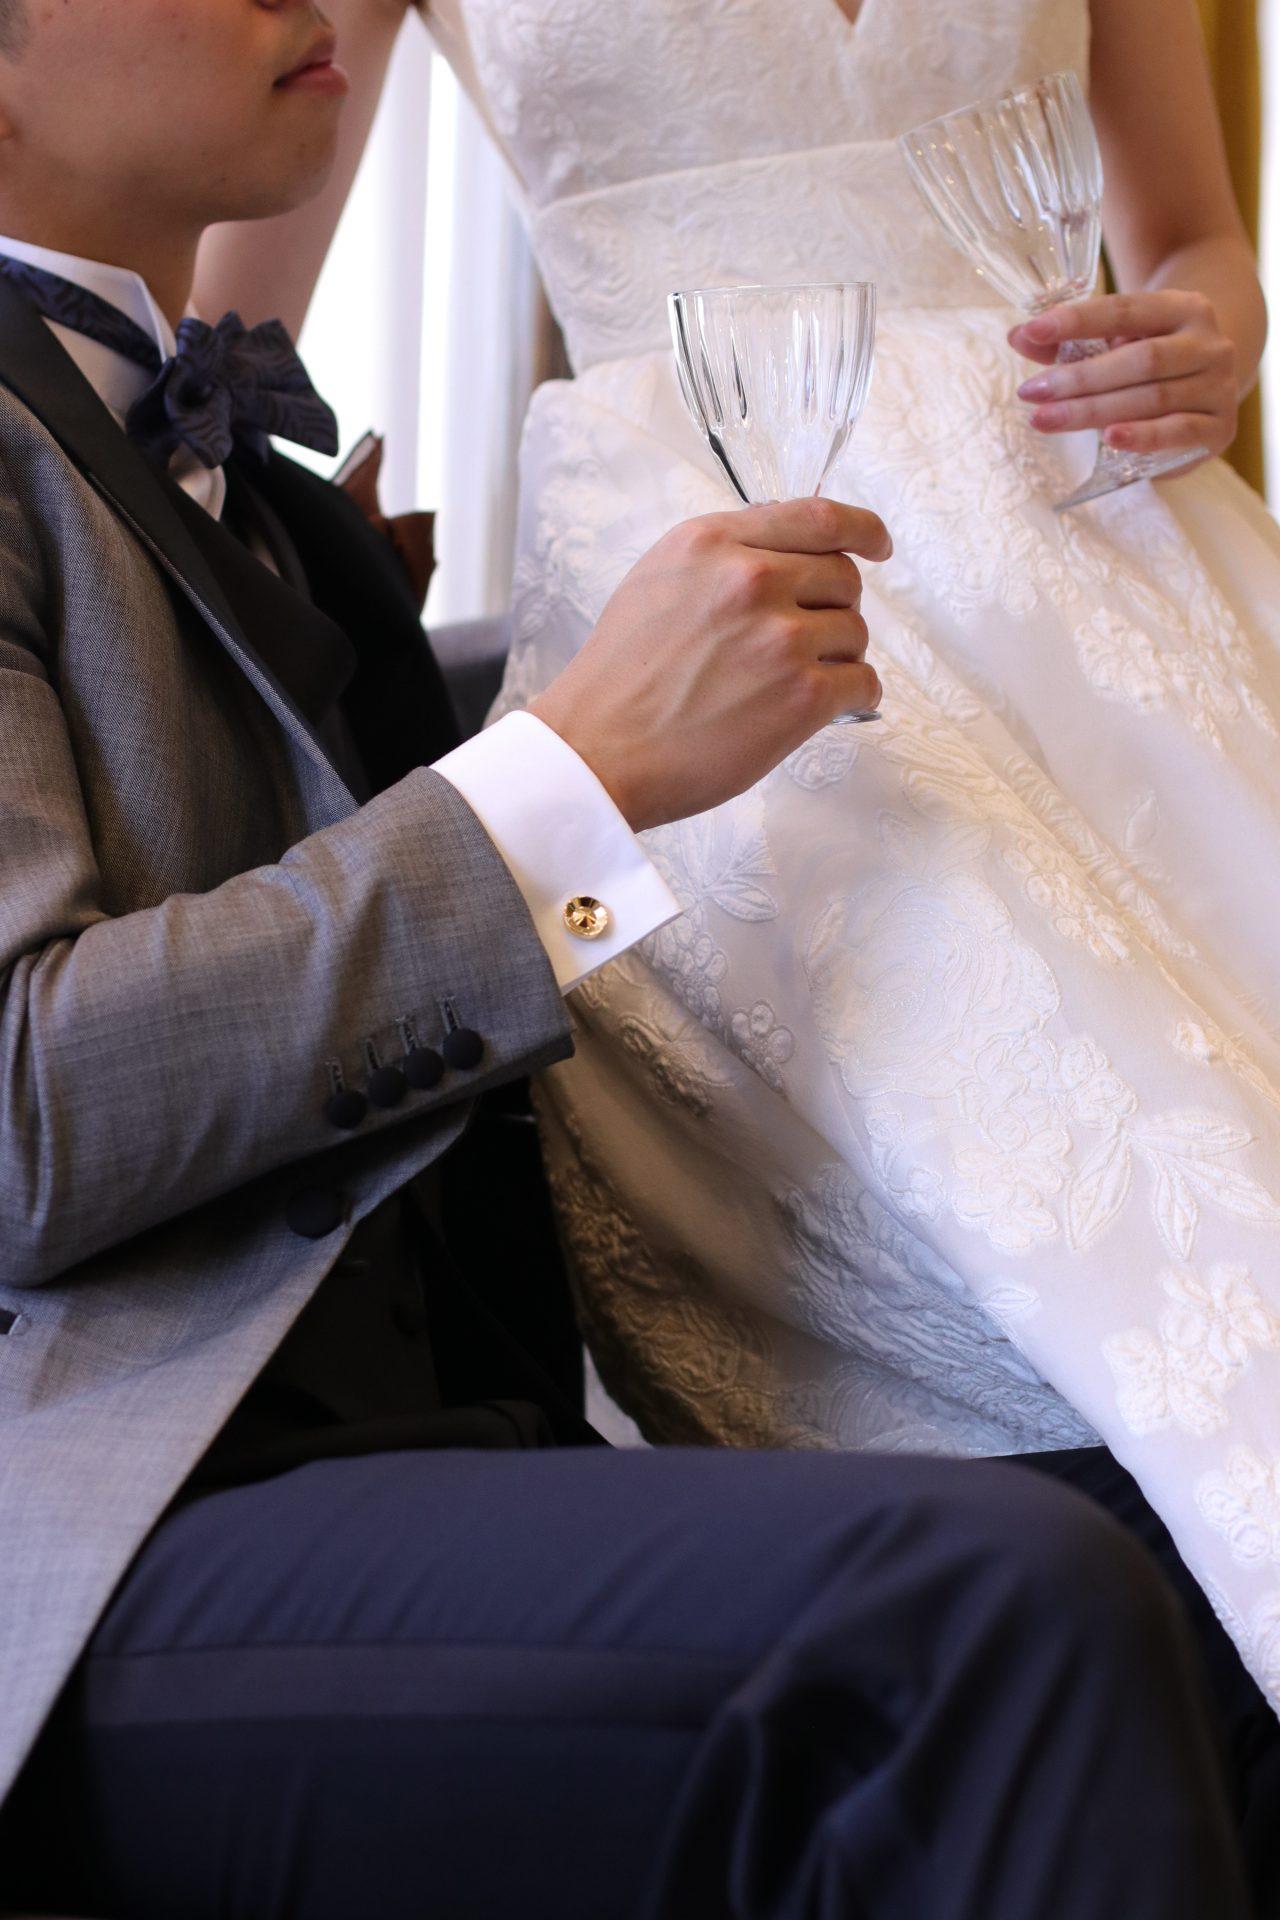 カフリンクスは結婚式中の新婦様をエスコートする際や乾杯、ケーキカット入刀等新郎様の仕草によってタキシードから覗く為、細部まで拘っていただきたいアイテムです。